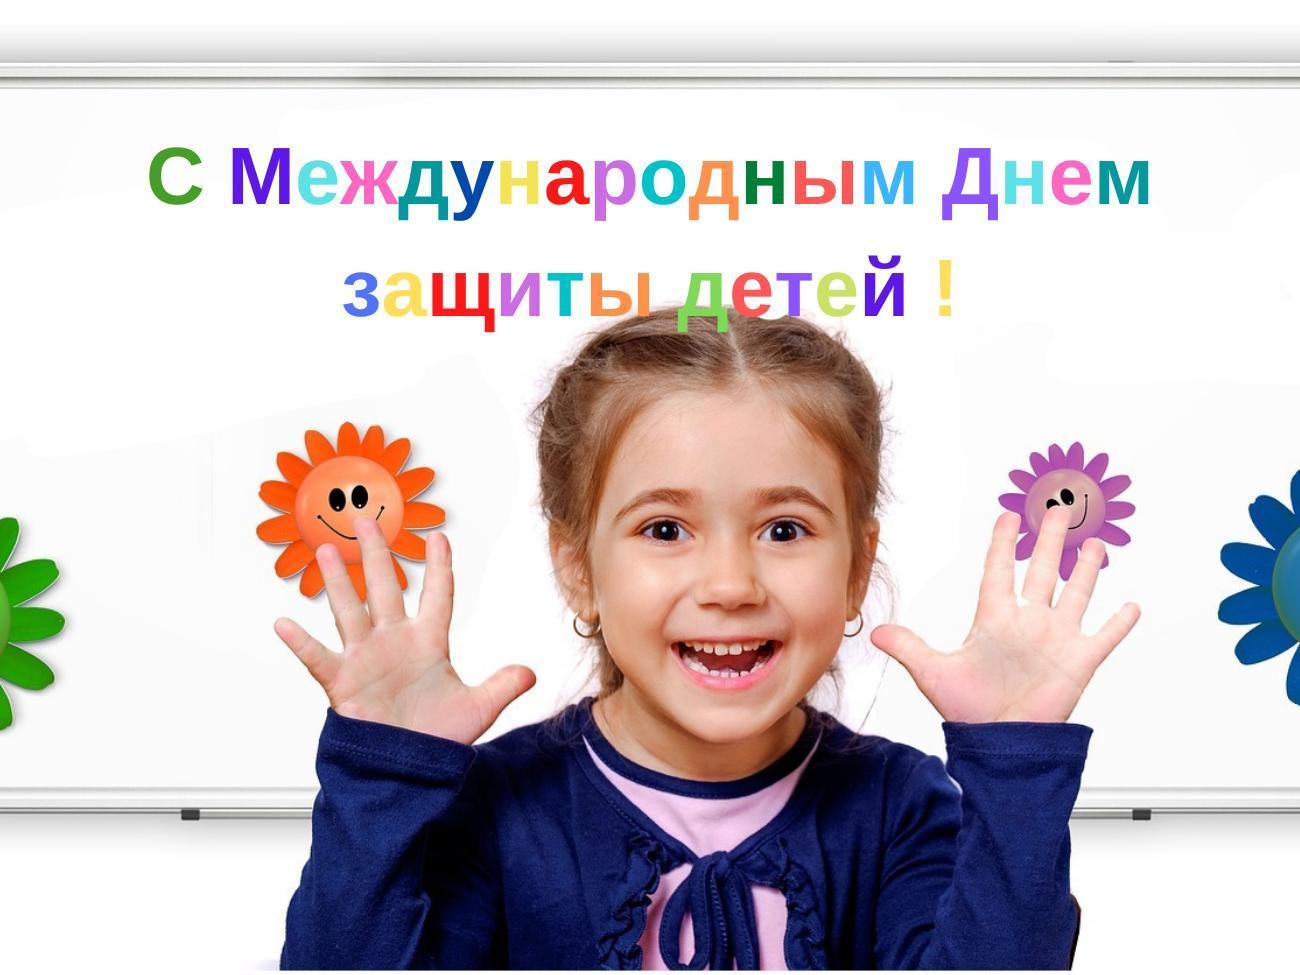 C Международным днем защиты детей!